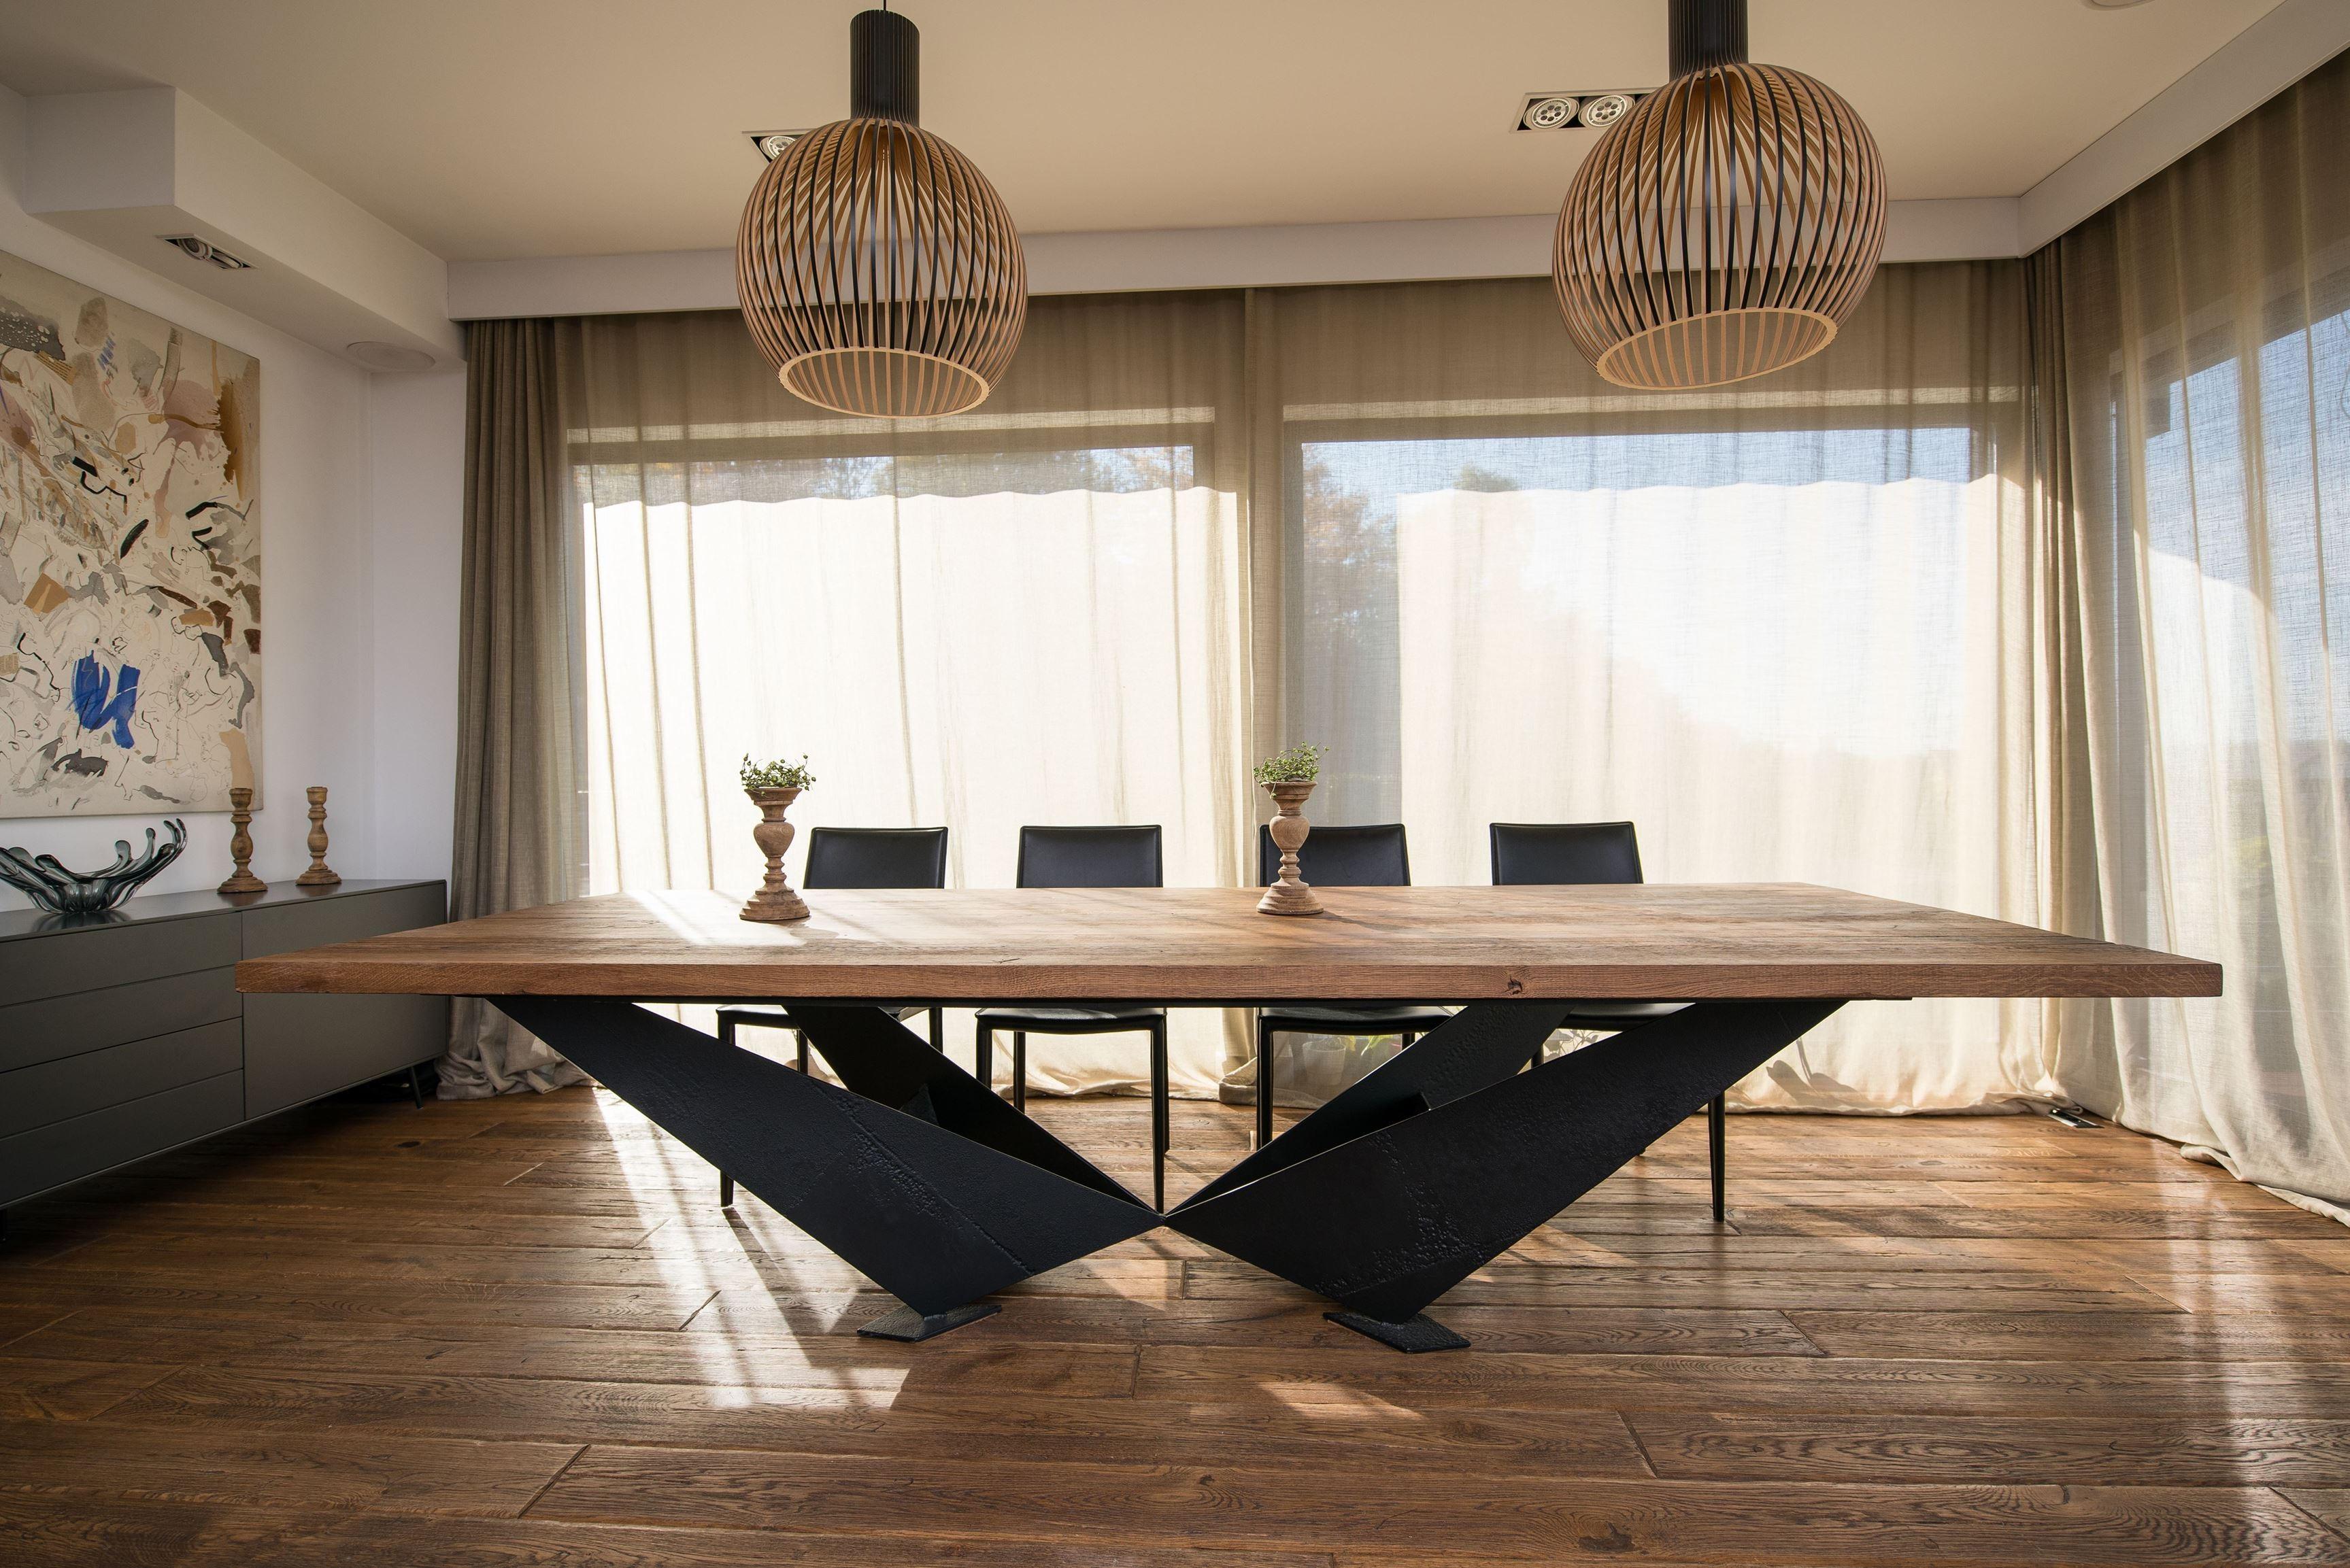 meble-ekskluzywne-industrialne-stol-ze-starego-drewna-i-metalu